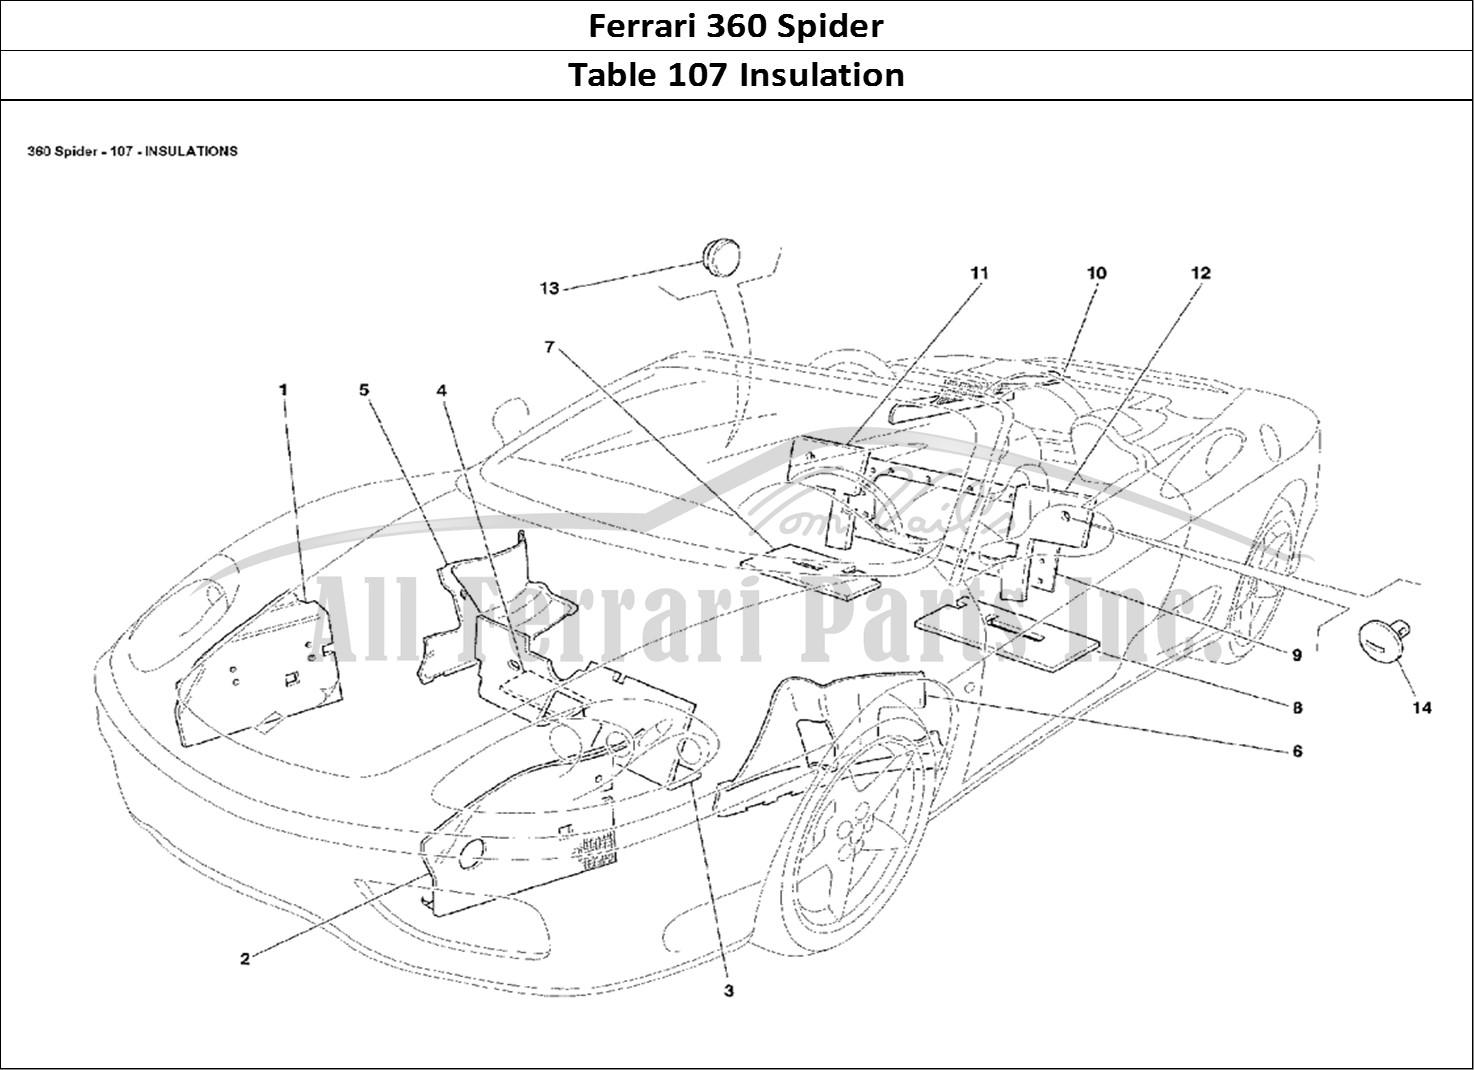 buy original ferrari 360 spider 107 insulation ferrari parts  spares  accessories online